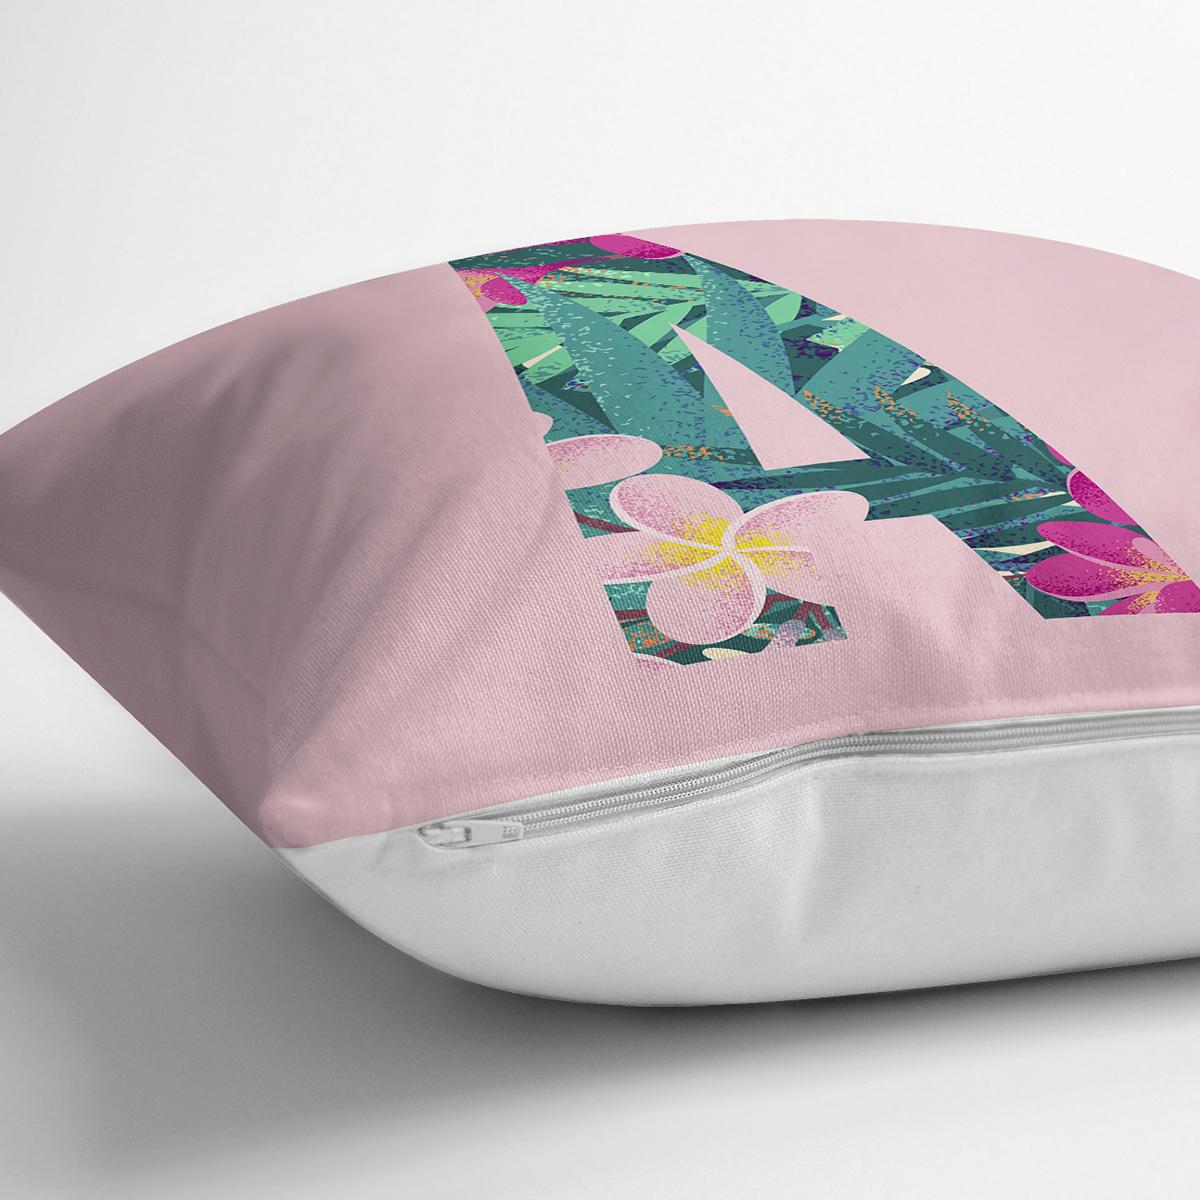 Pembe Zemin Tropik Yapraklı A Harfi Özel Tasarım Dijital Baskılı Yastık Kırlent Kılıfı Realhomes